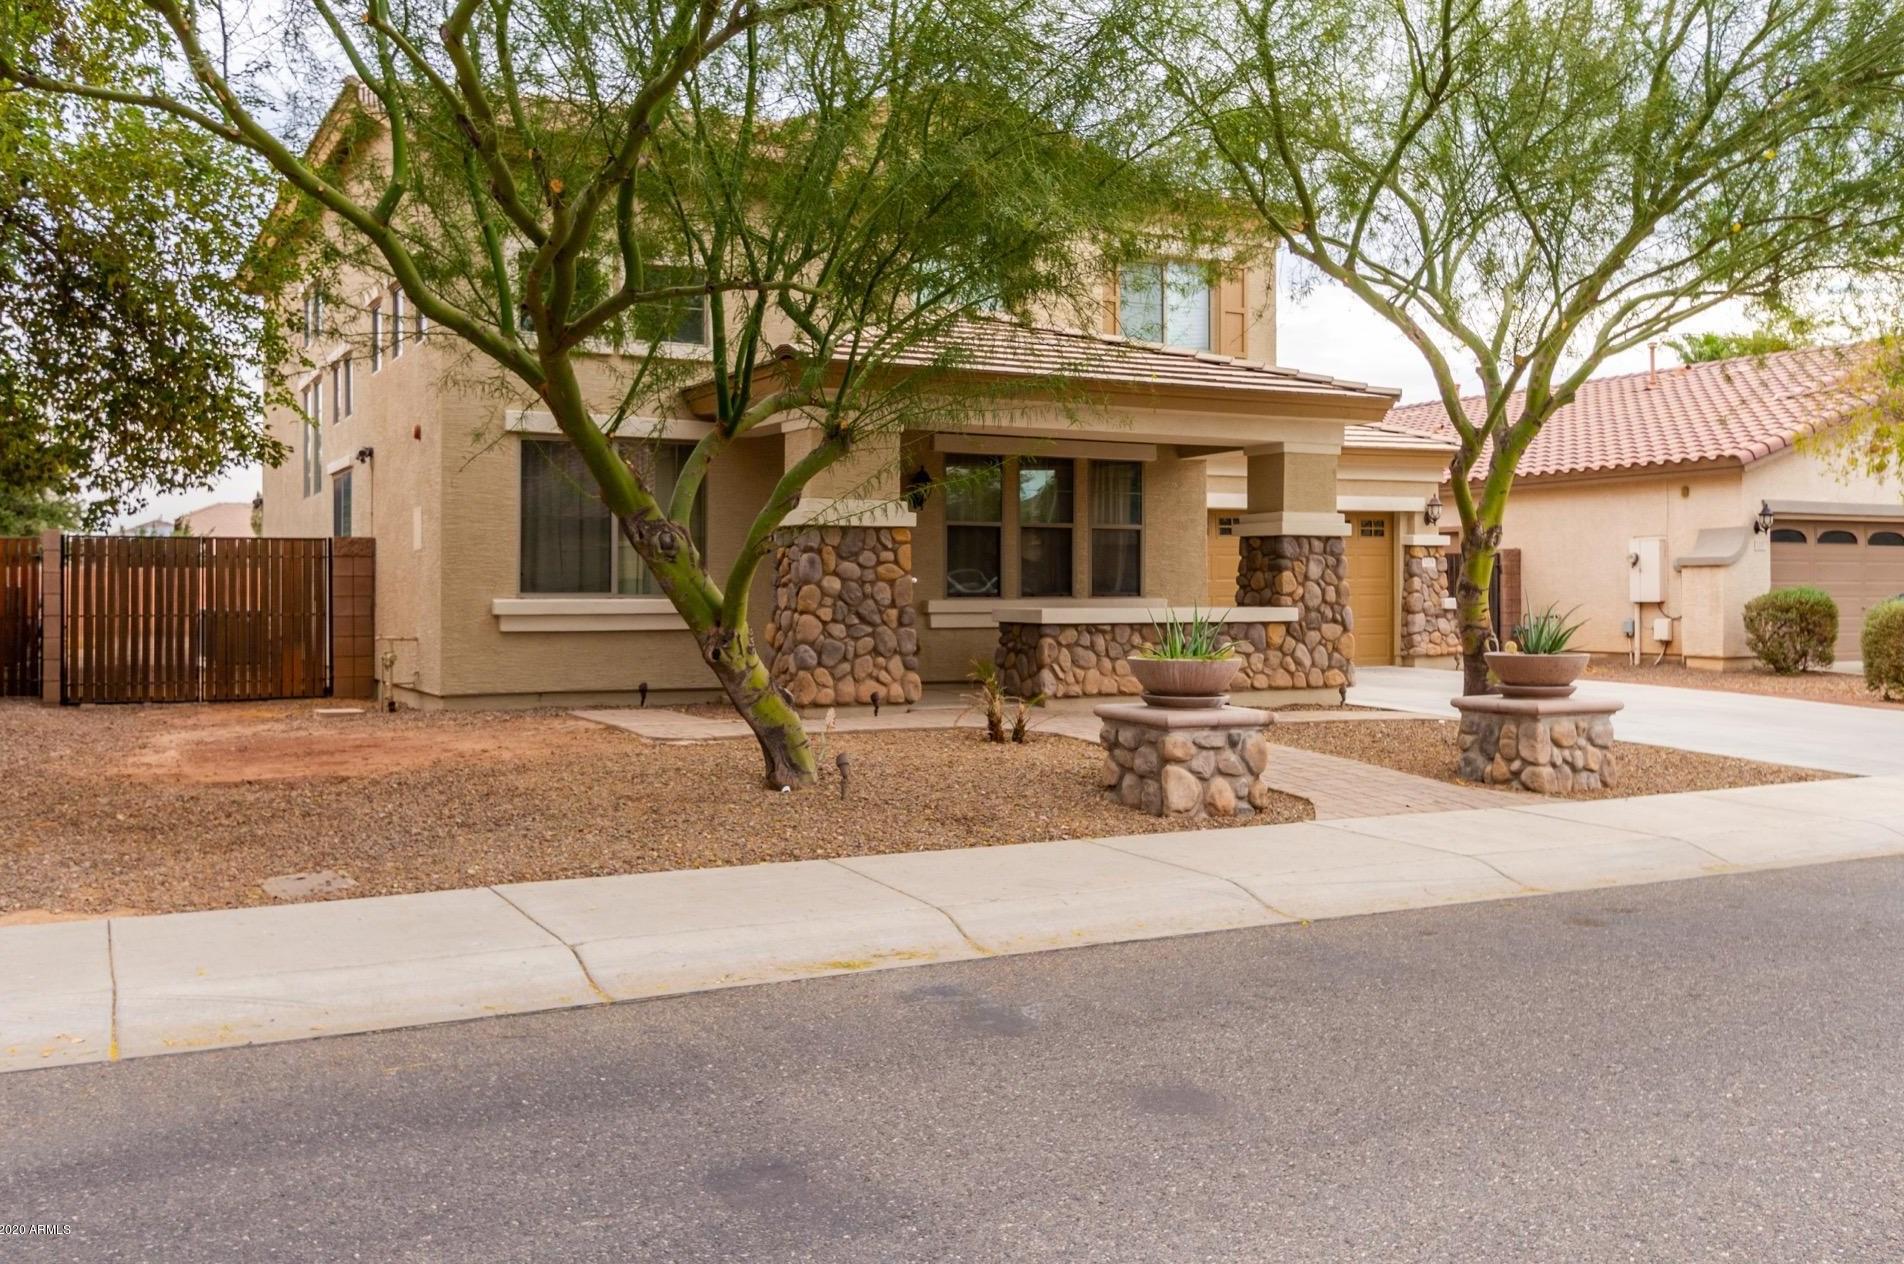 3205 N 137th Dr, Avondale, AZ 85392